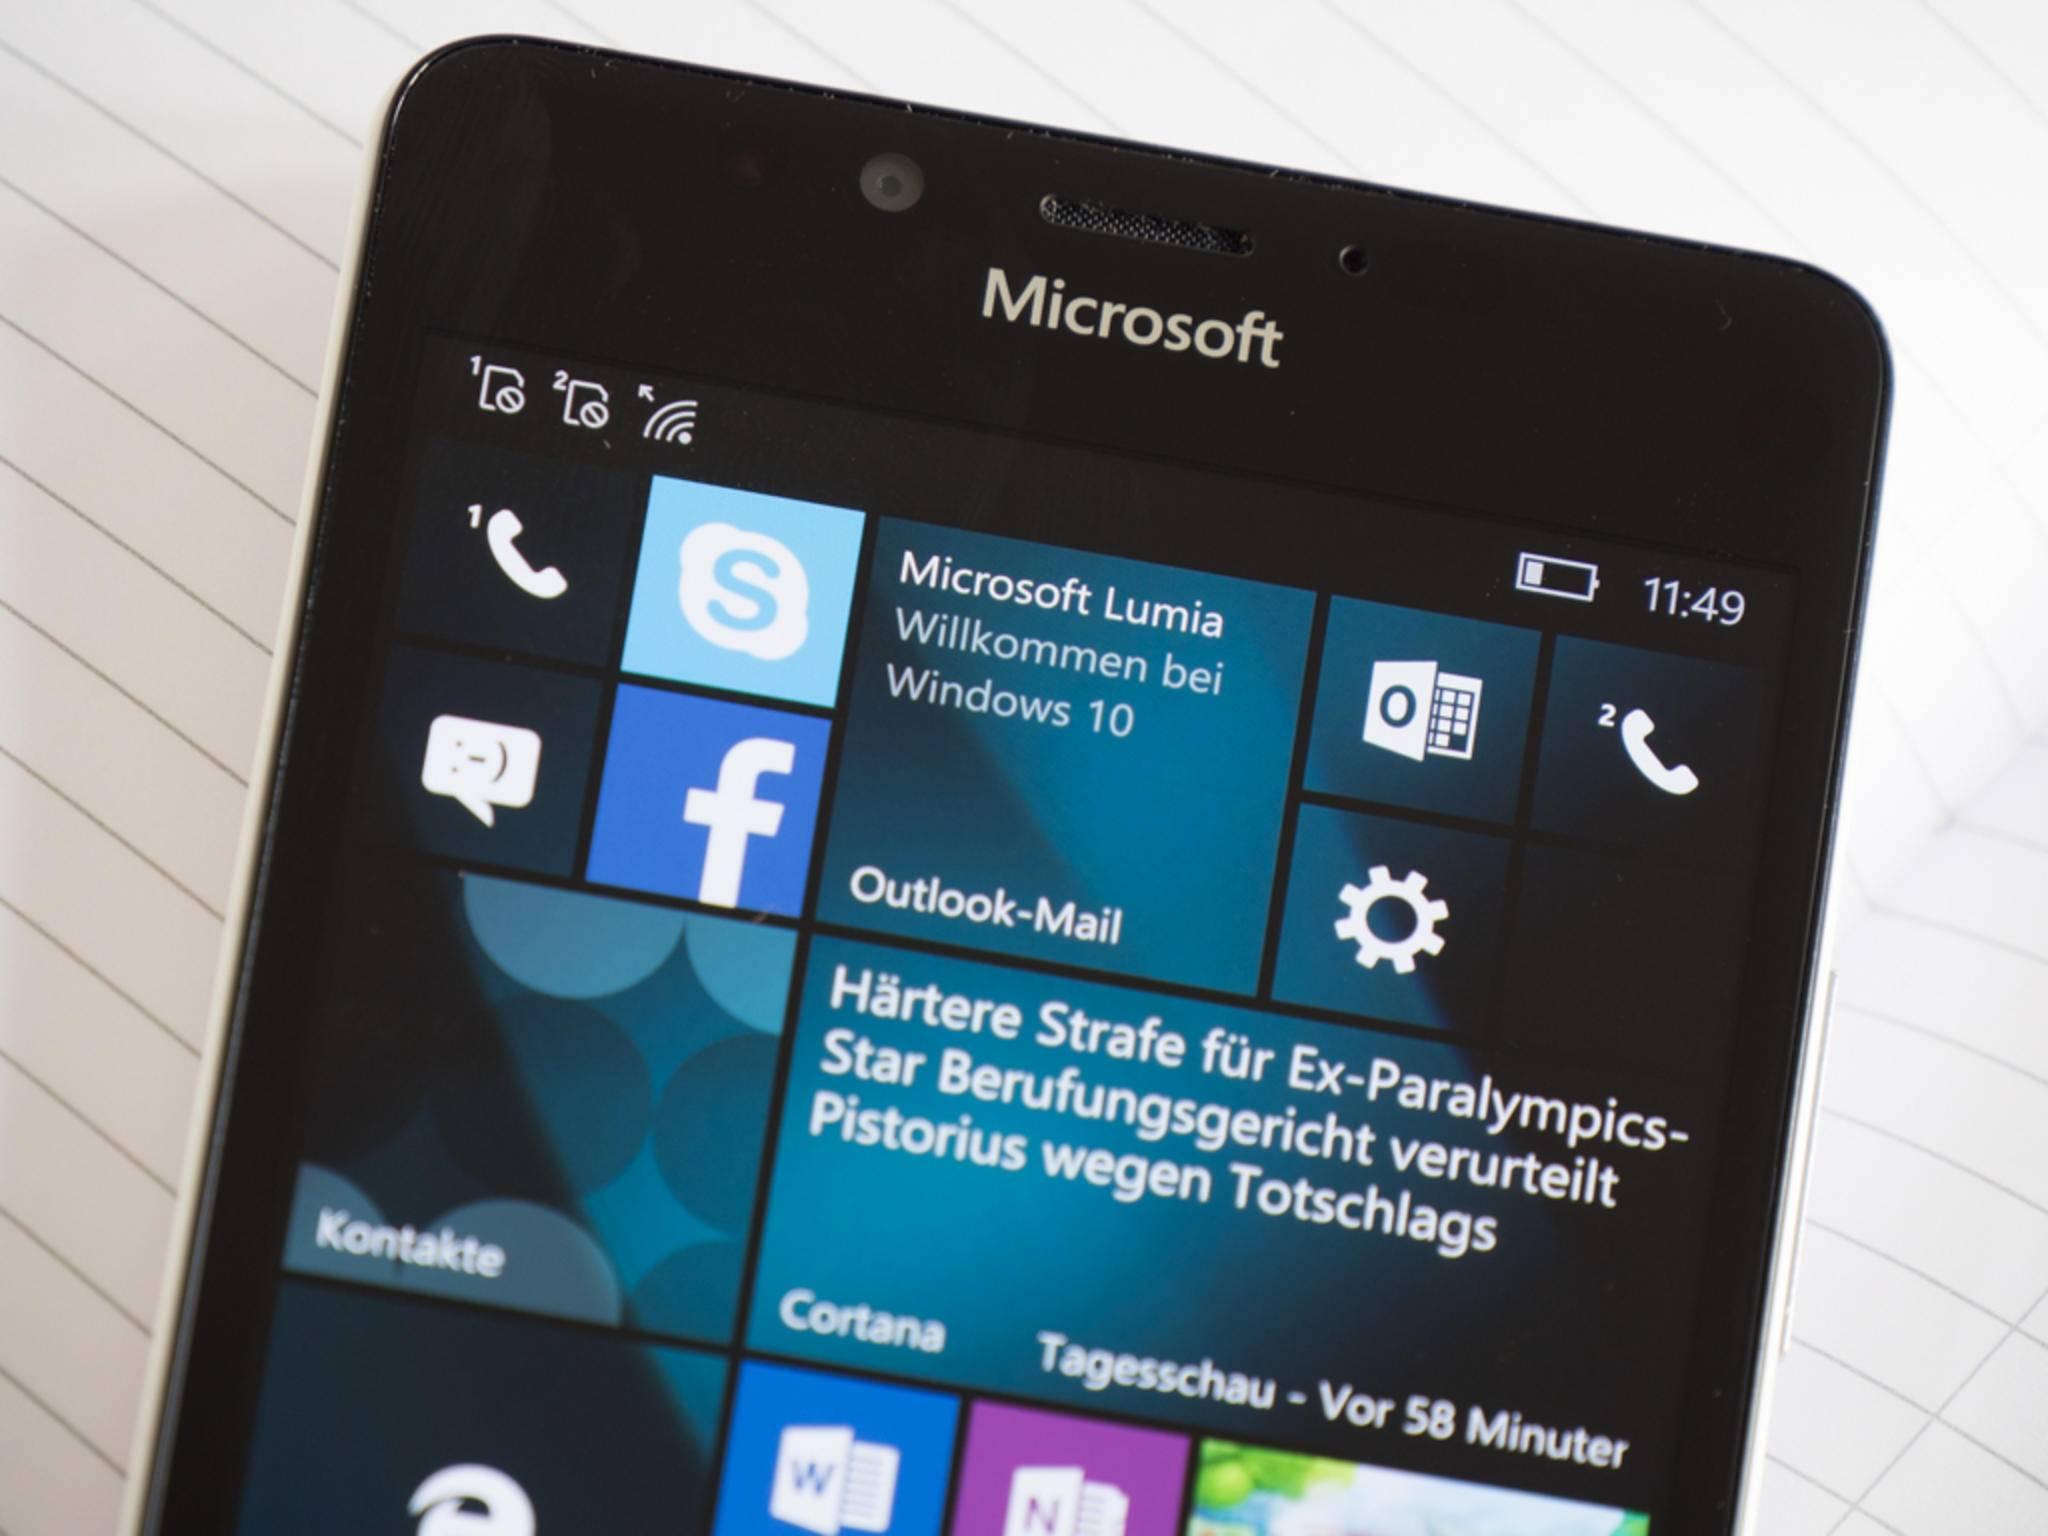 Das Update älterer Lumia-Smartphones soll sich erneut verzögern.